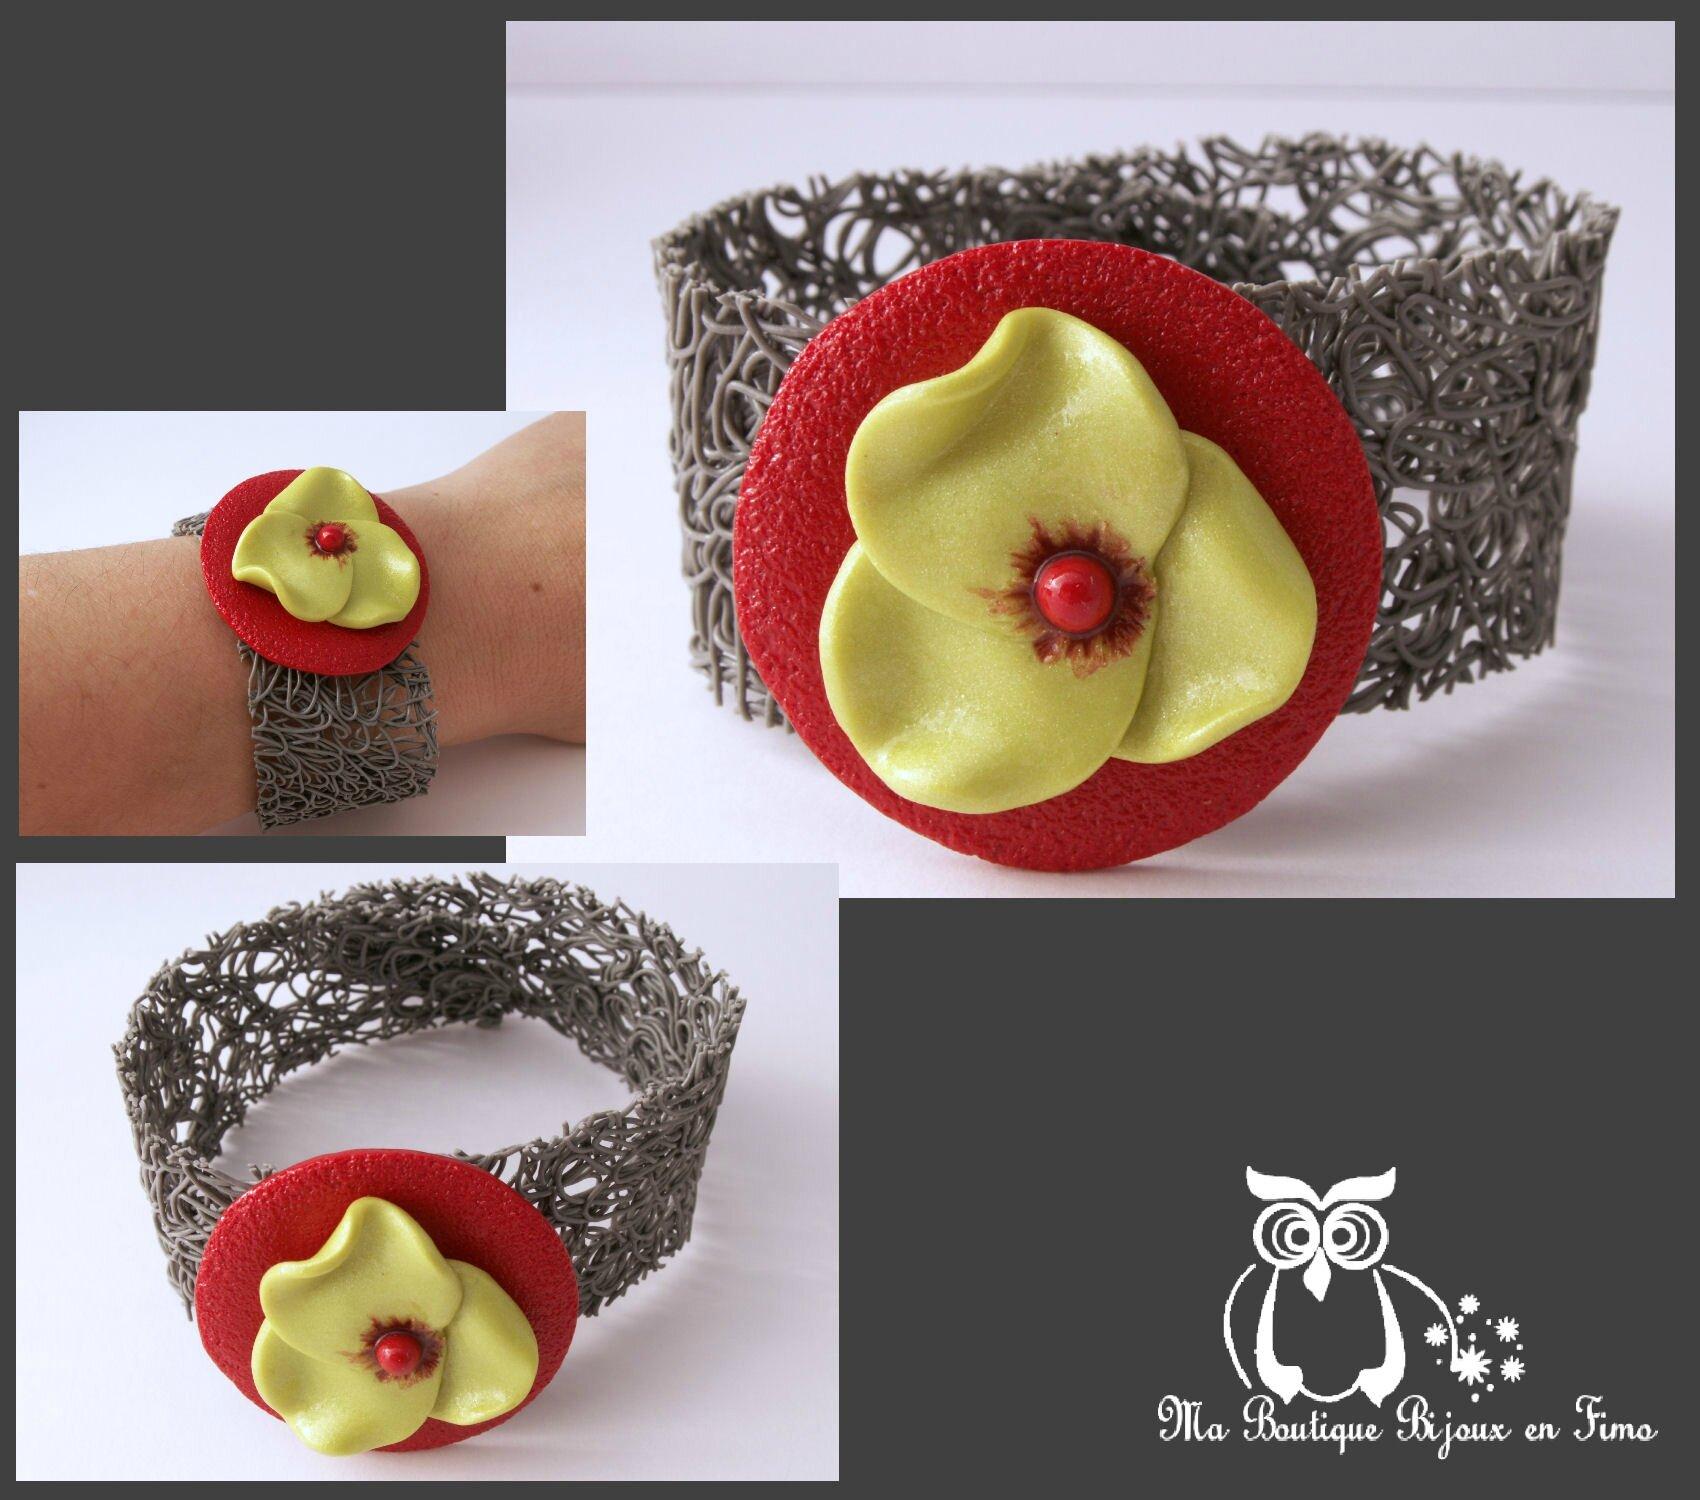 bracelet spécial fleur anisée